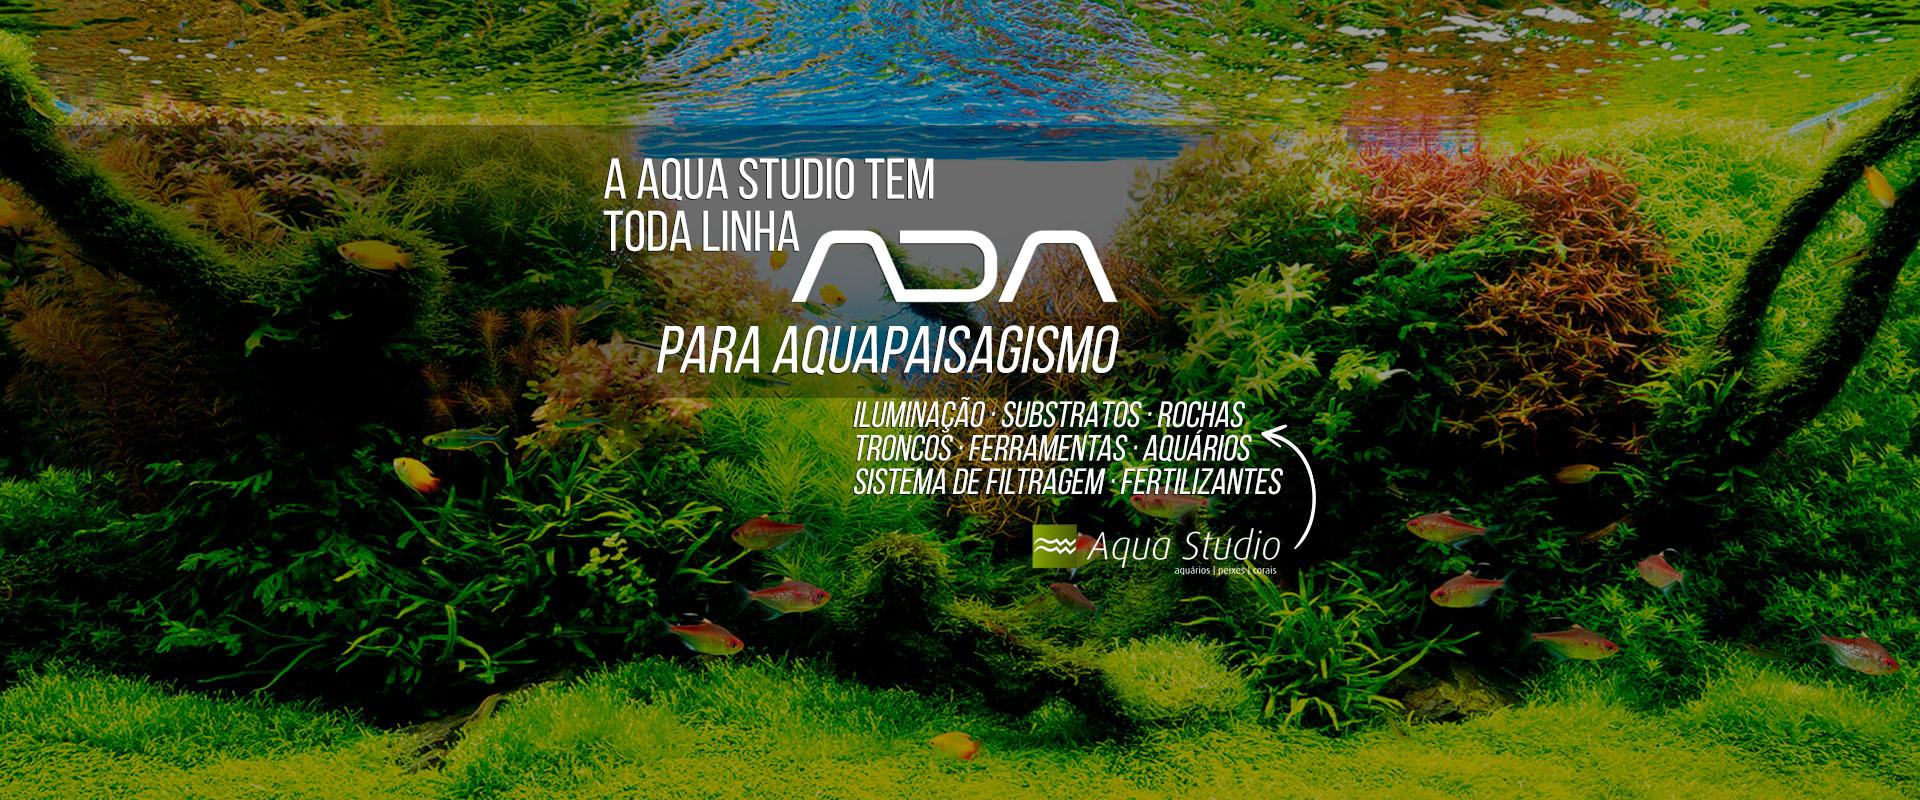 aquastudio_linha_ada